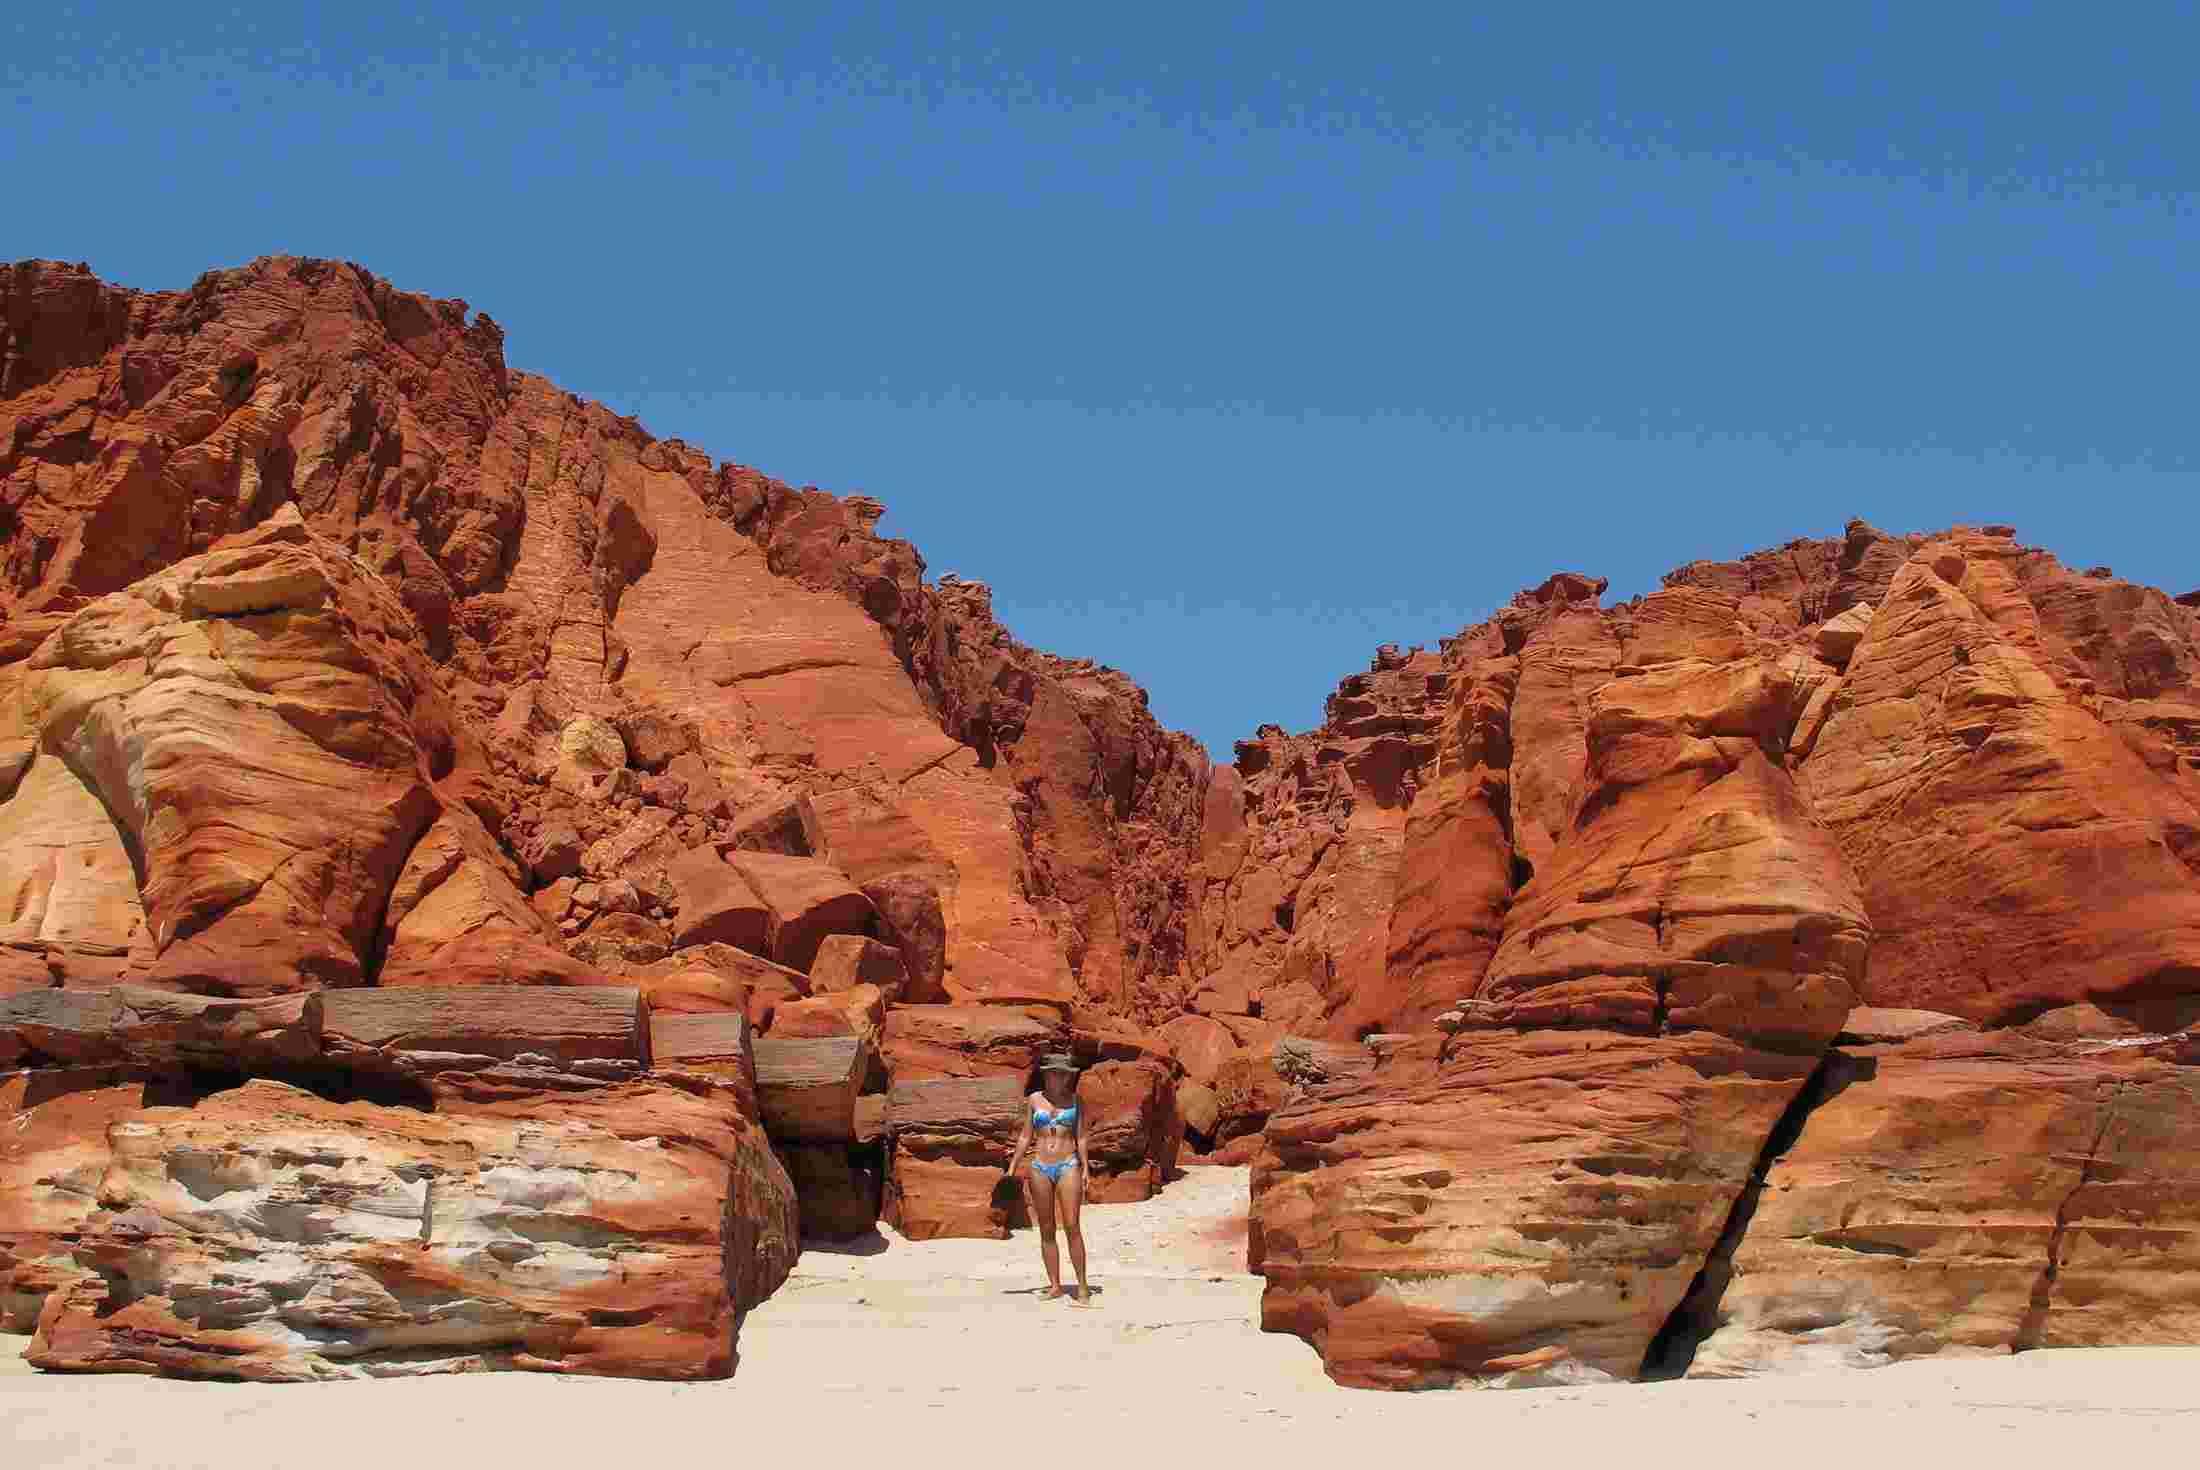 """yH5BAEAAAAALAAAAAABAAEAAAIBRAA7 - 15 điểm đến """"bí mật"""" ít người biết đến tuyệt nhất nước Úc"""